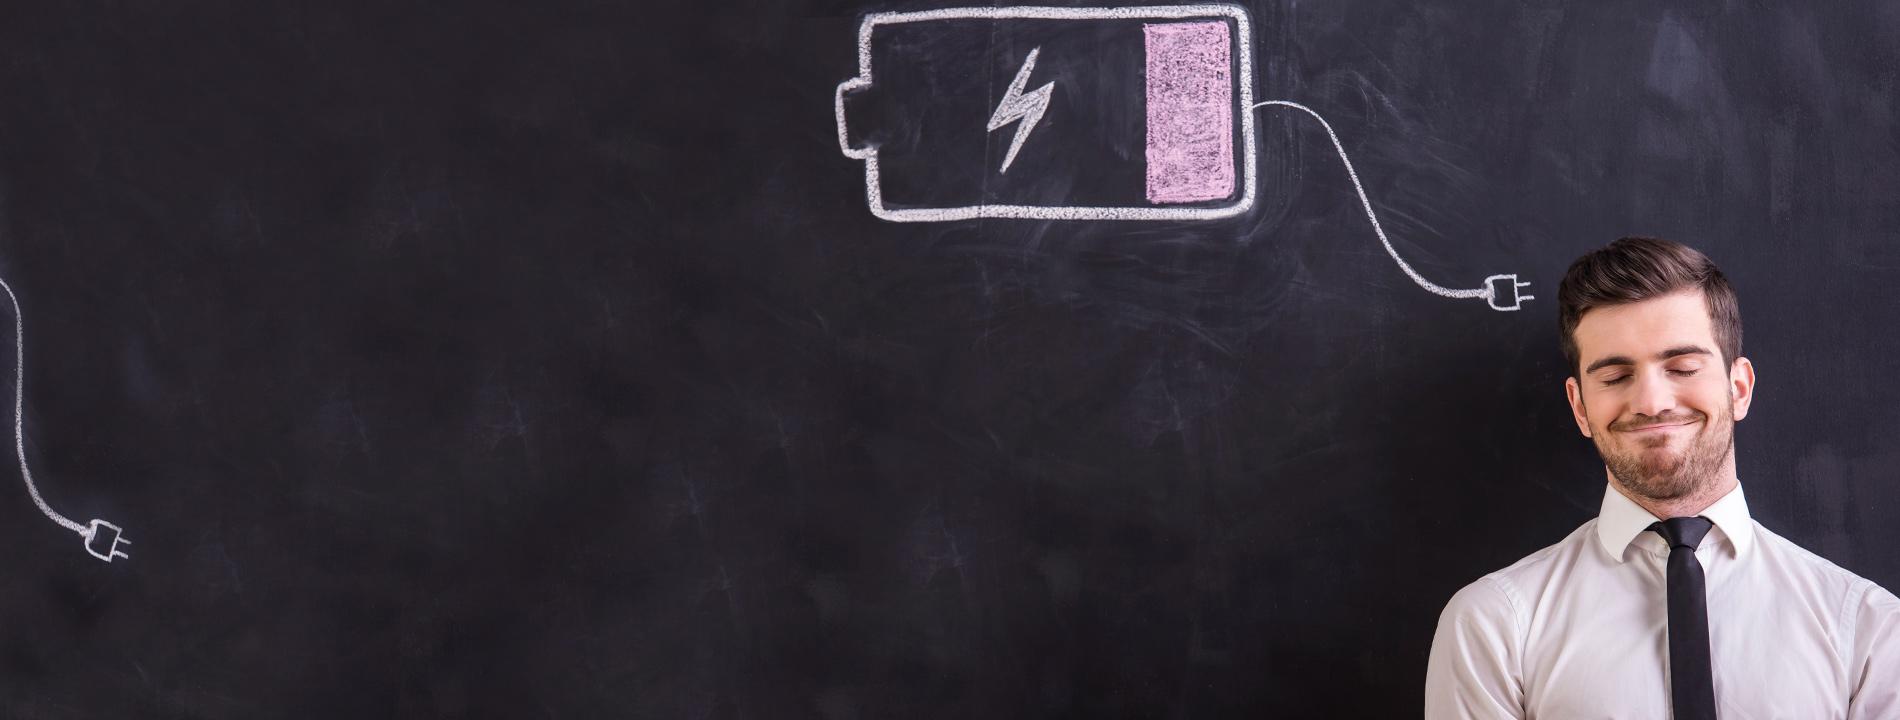 Hinweise zum Batteriegesetz